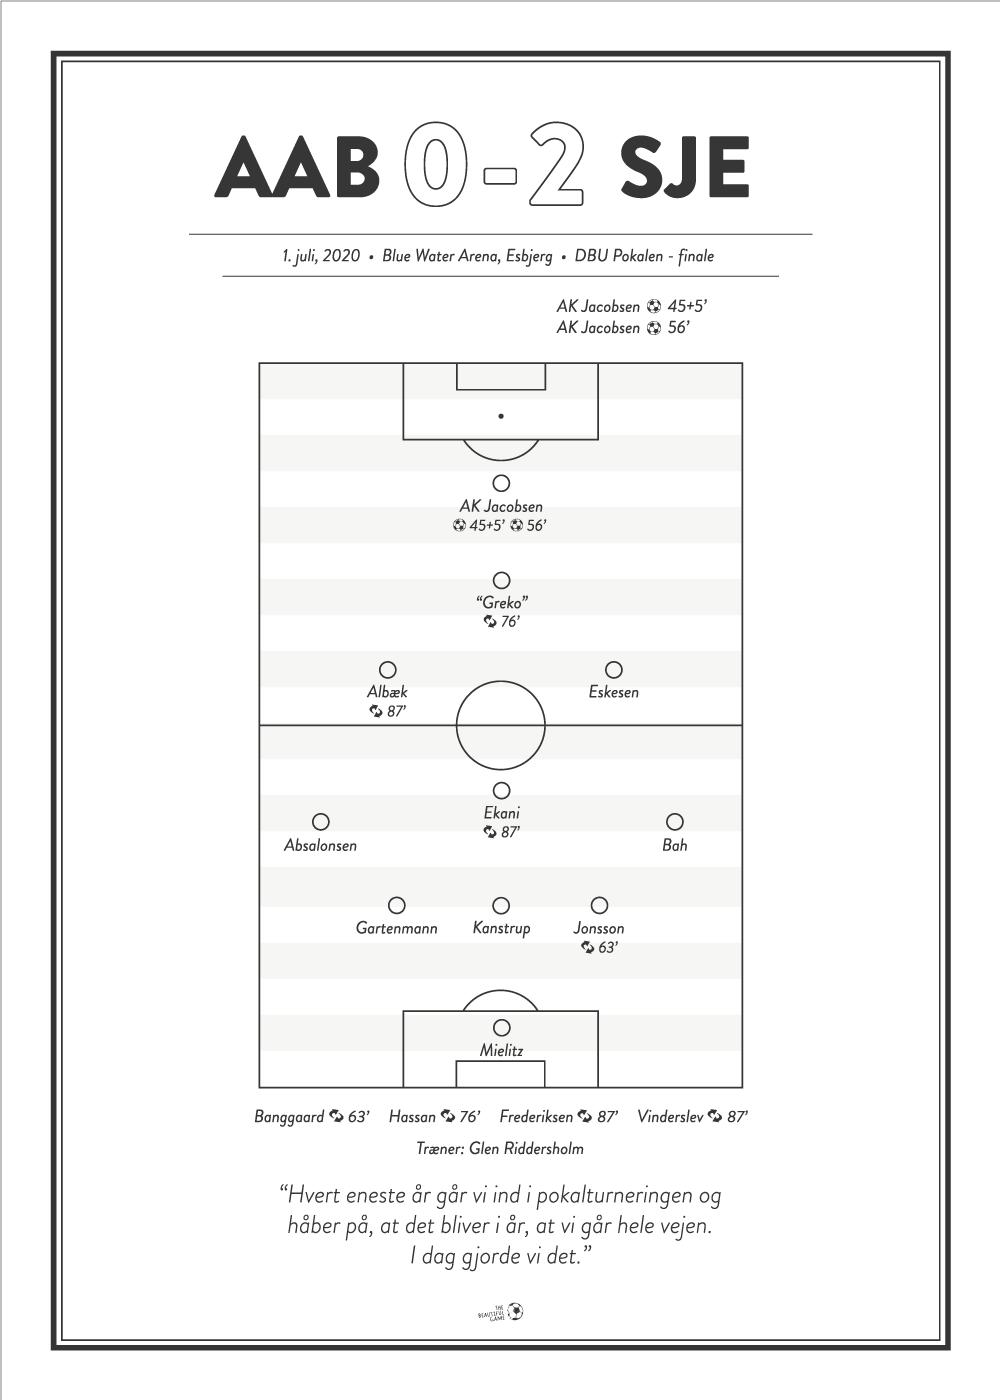 Billede af AAB - SJE 0-2 pokalfinale 2020 plakat